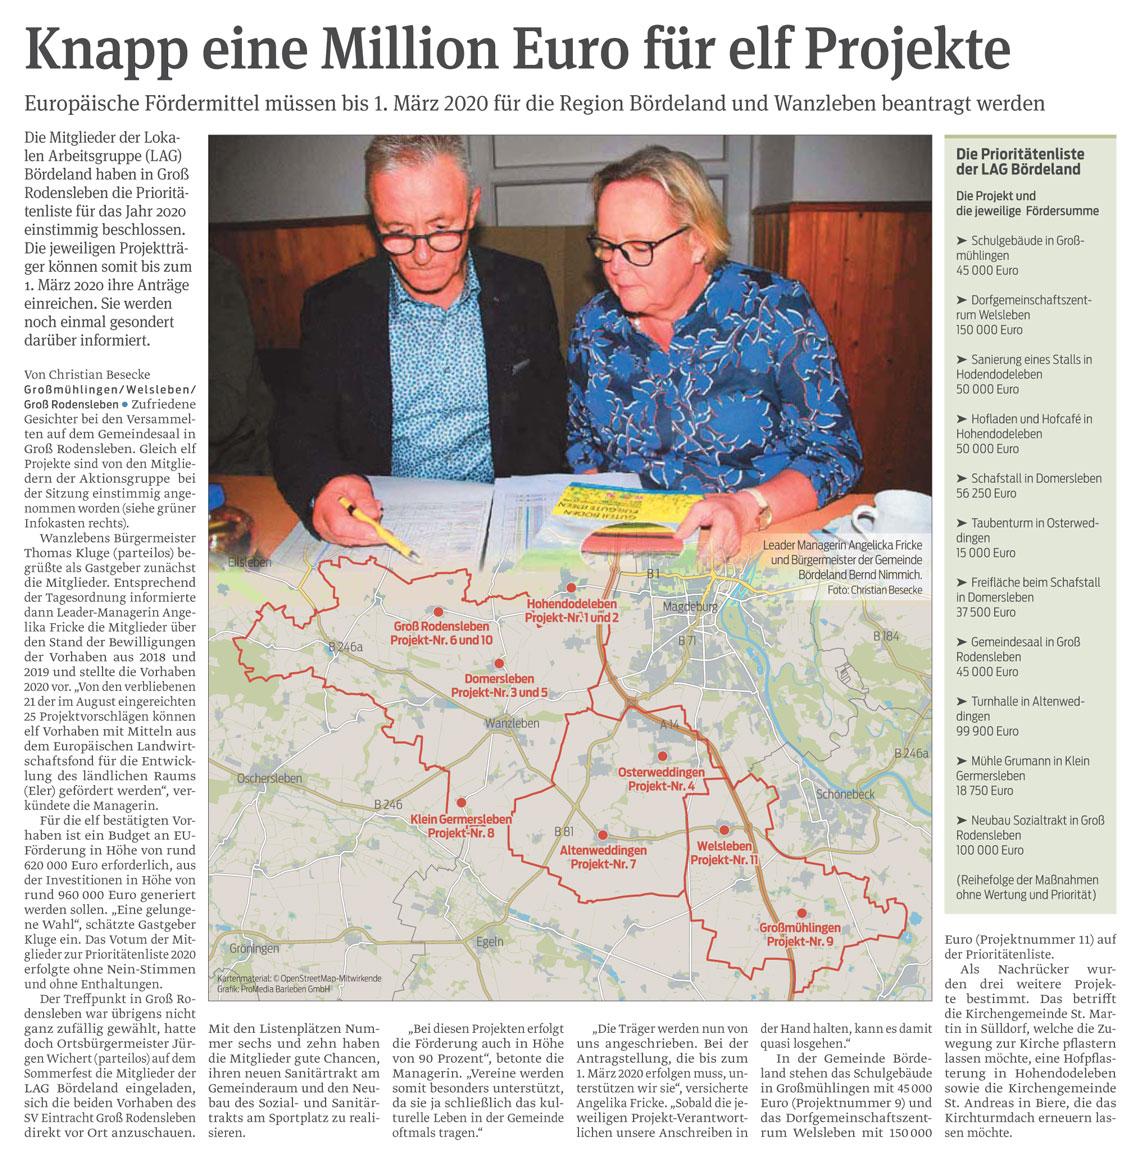 Knapp eine Million Euro für elf Projekte